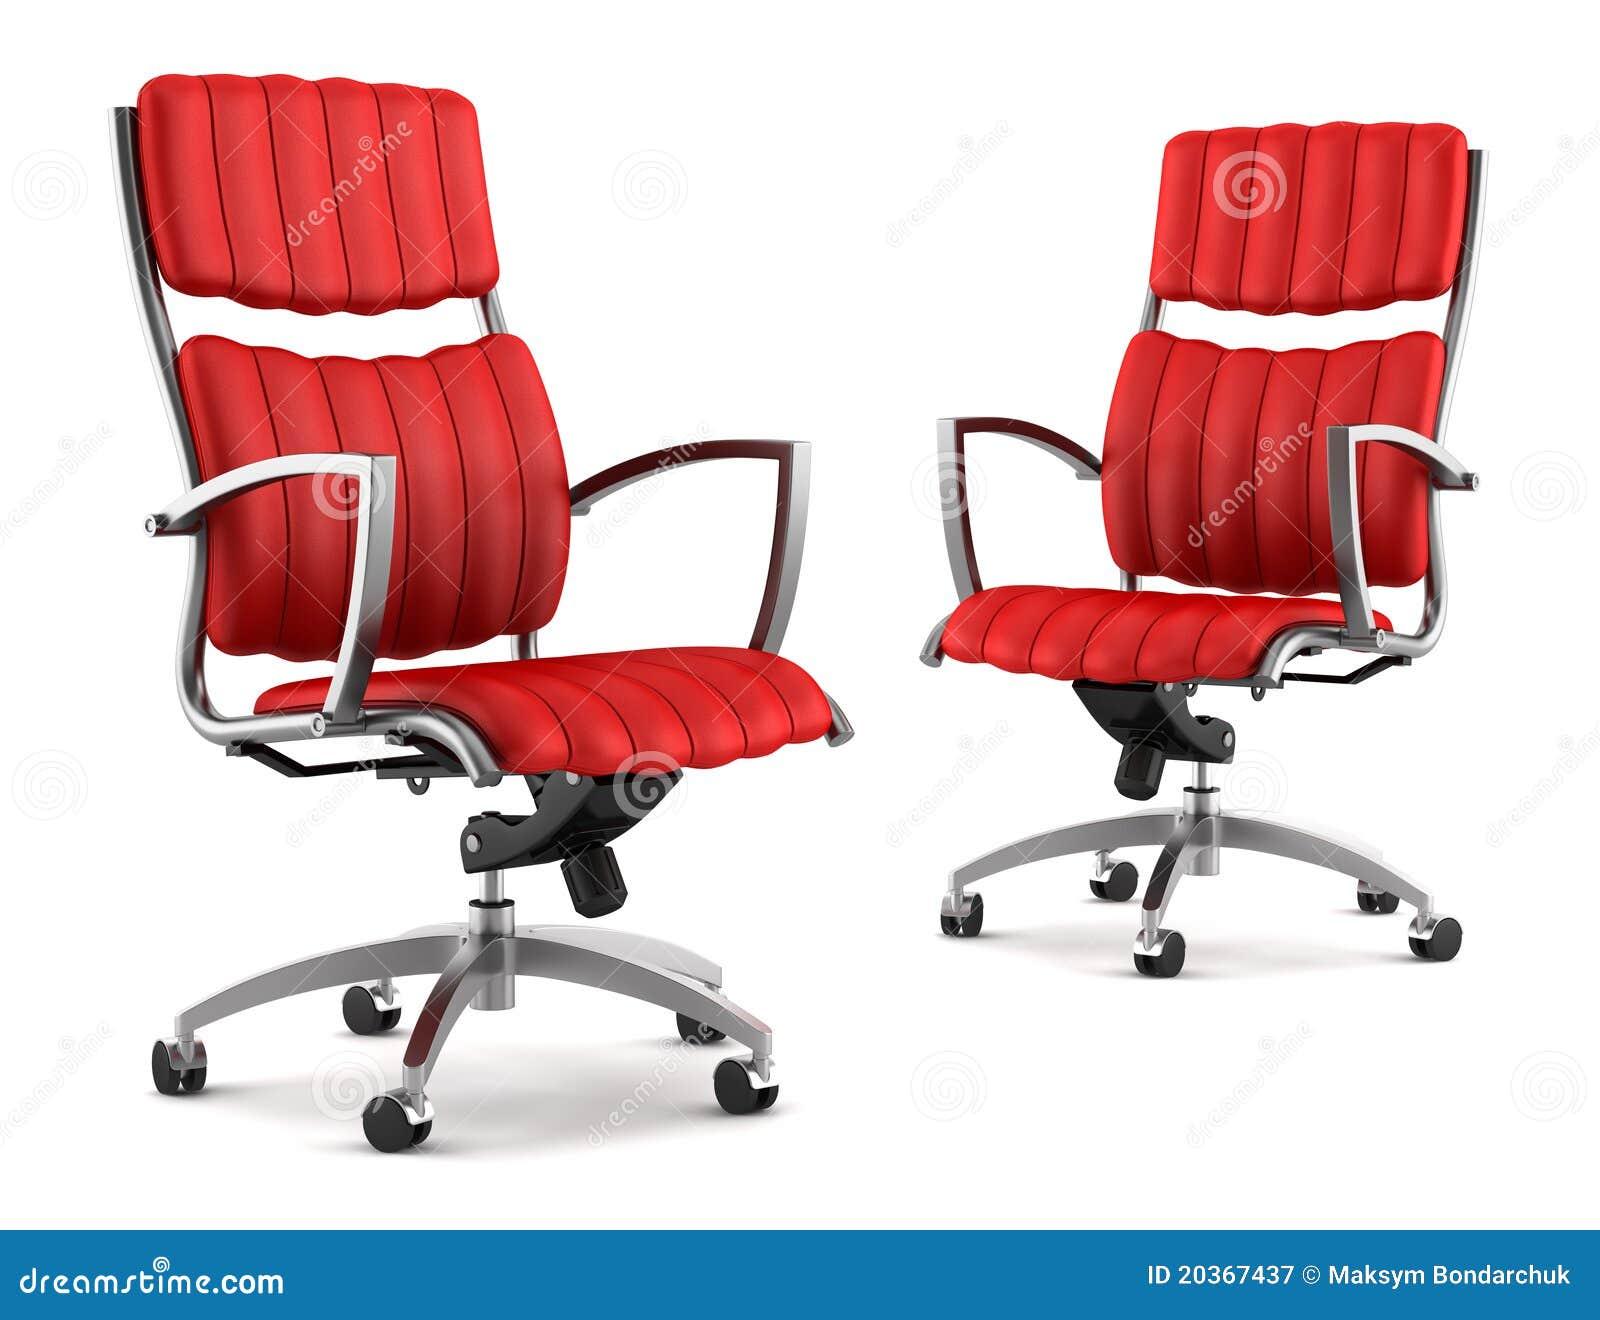 dos sillas rojas modernas de la oficina aisladas en blanco